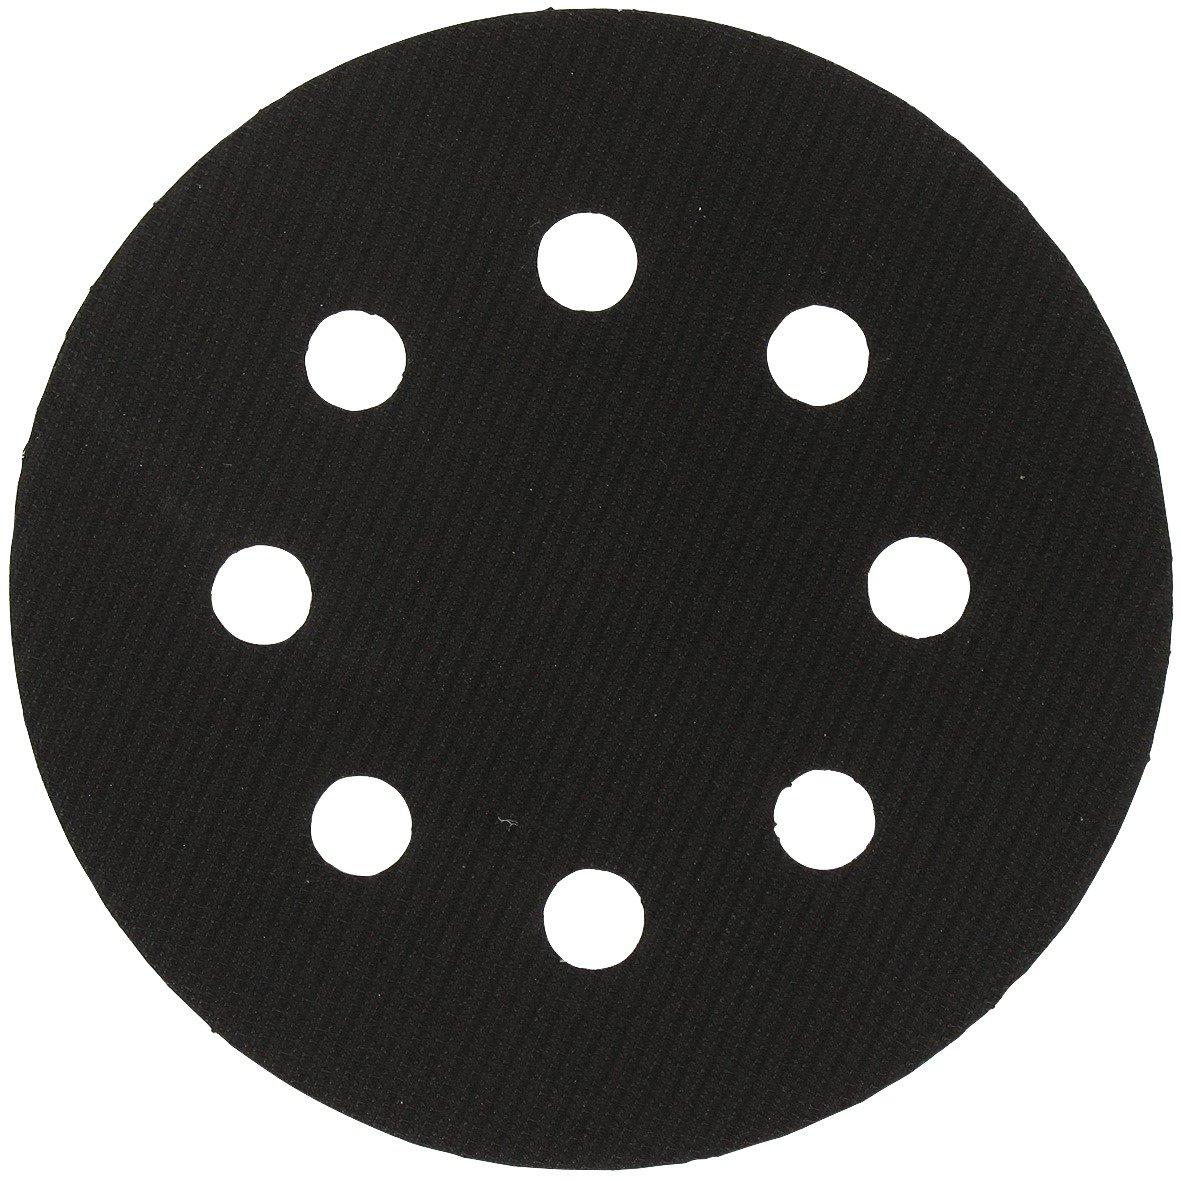 Patin auto-agrippant/adhé sif 8 trous SCID - Diamè tre 125 mm - Vendu par 1